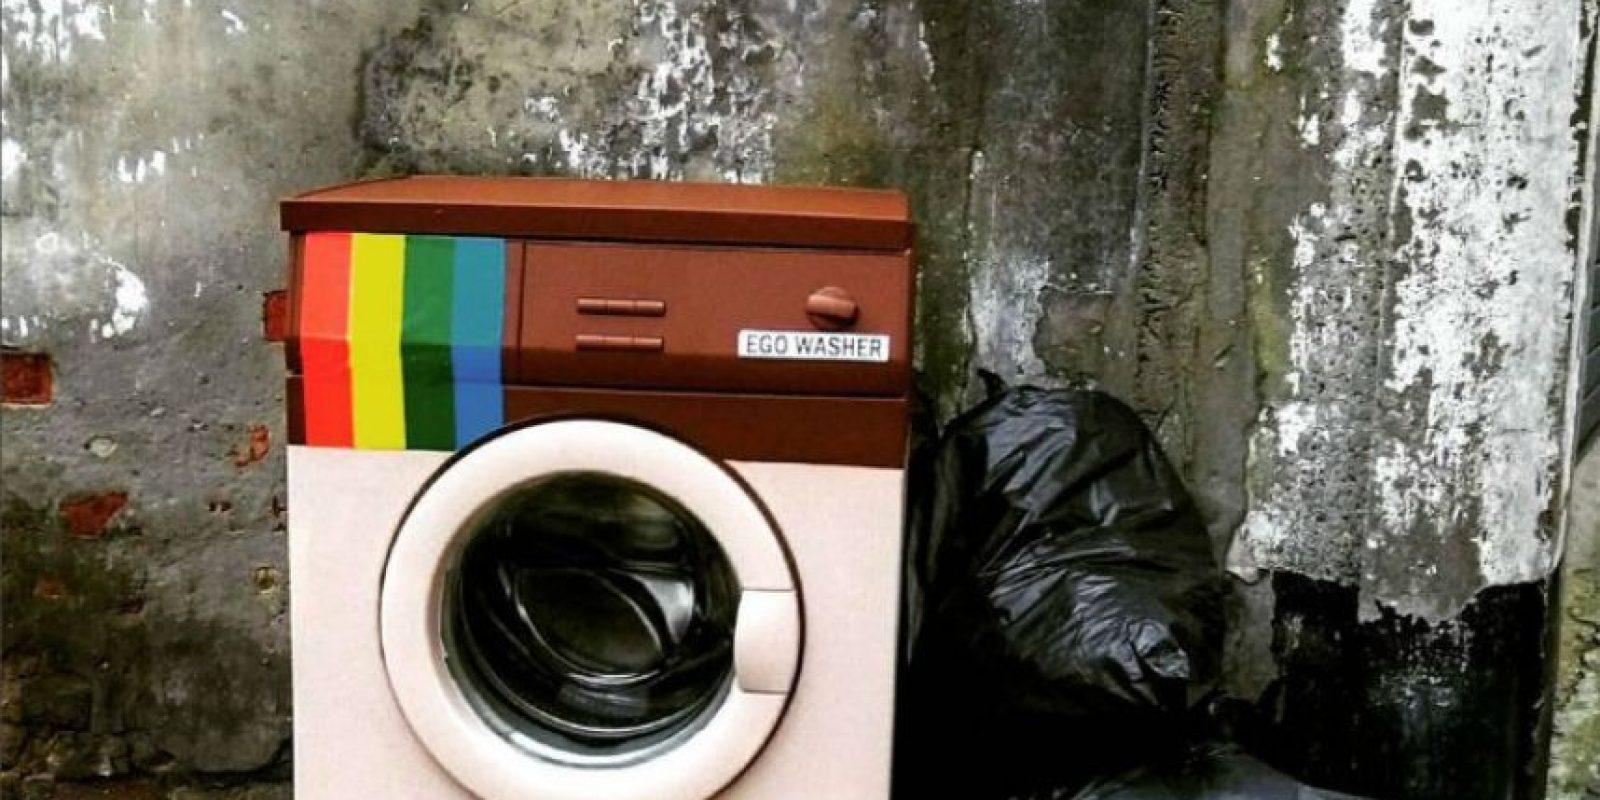 Biancoshock instalado 12 piezas en todo el pueblo de la provincia de Civitacampomarano. Foto:instagram.com/biancoshock/